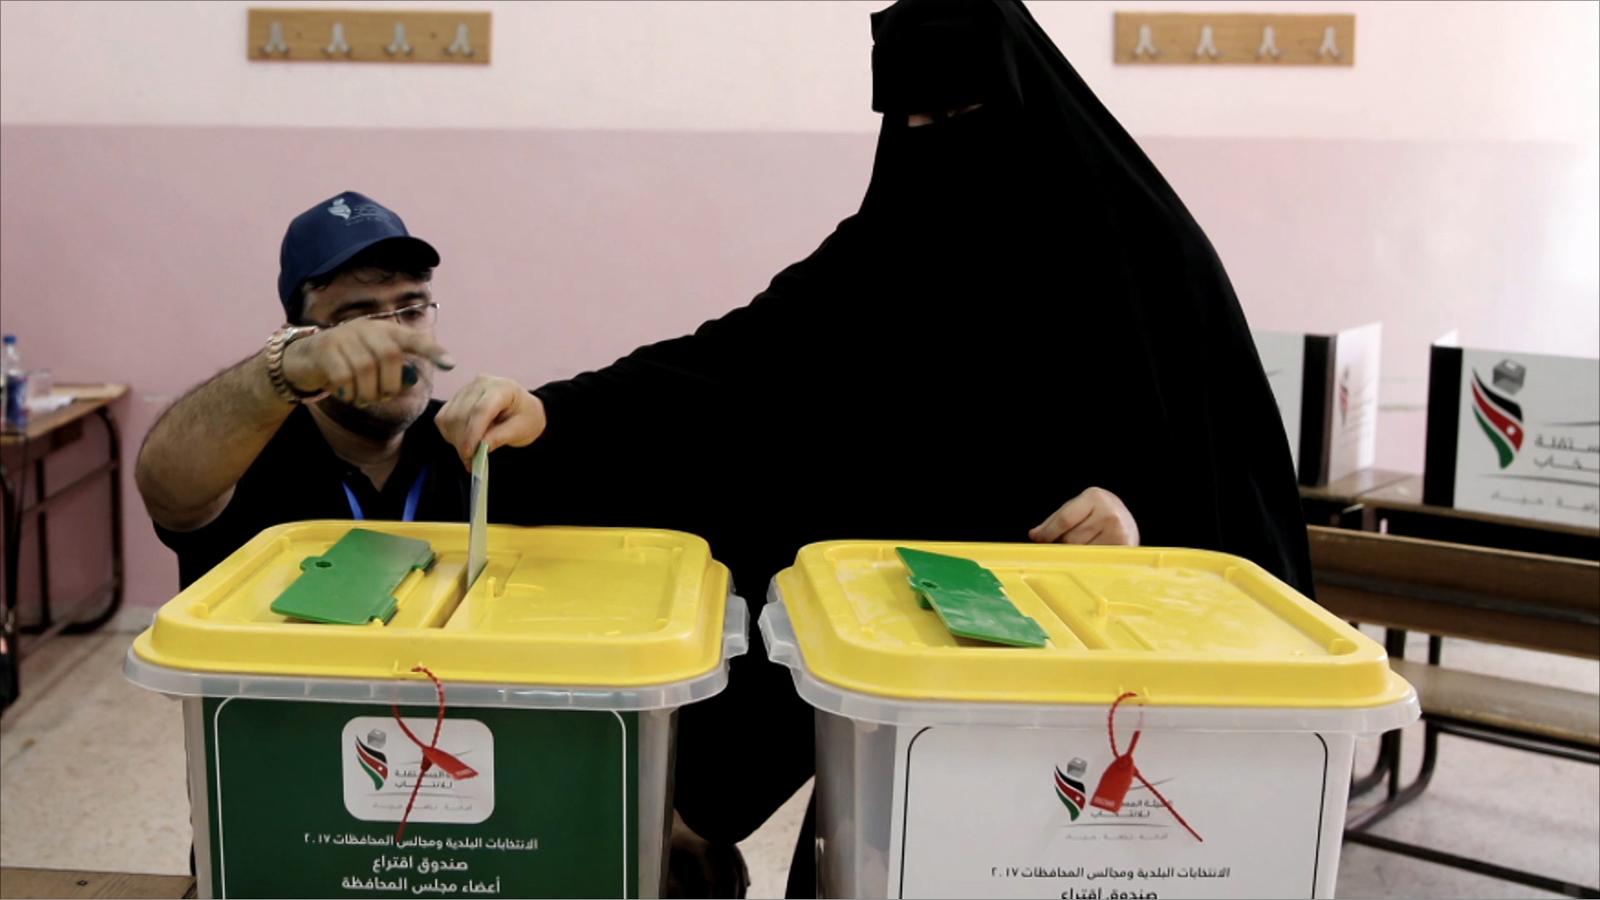 إخوان الأردن يعودون للواجهة عبر الانتخابات البلدية واللامركزية